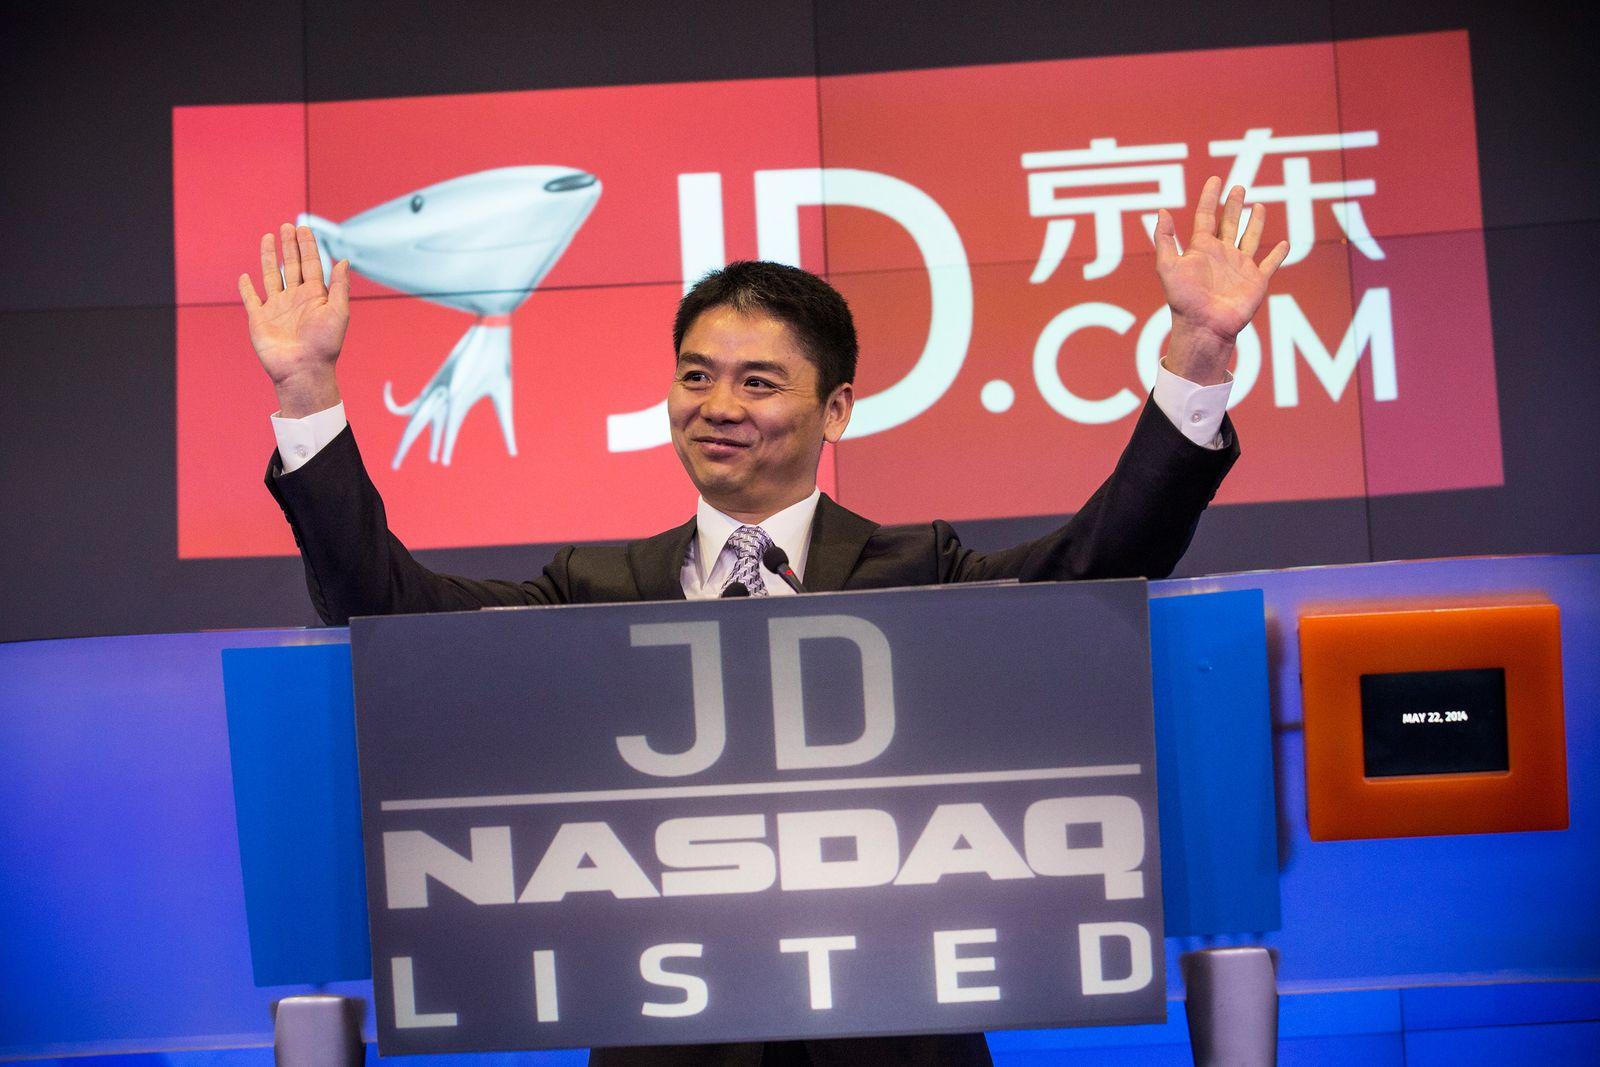 jd.com / Nasdaq